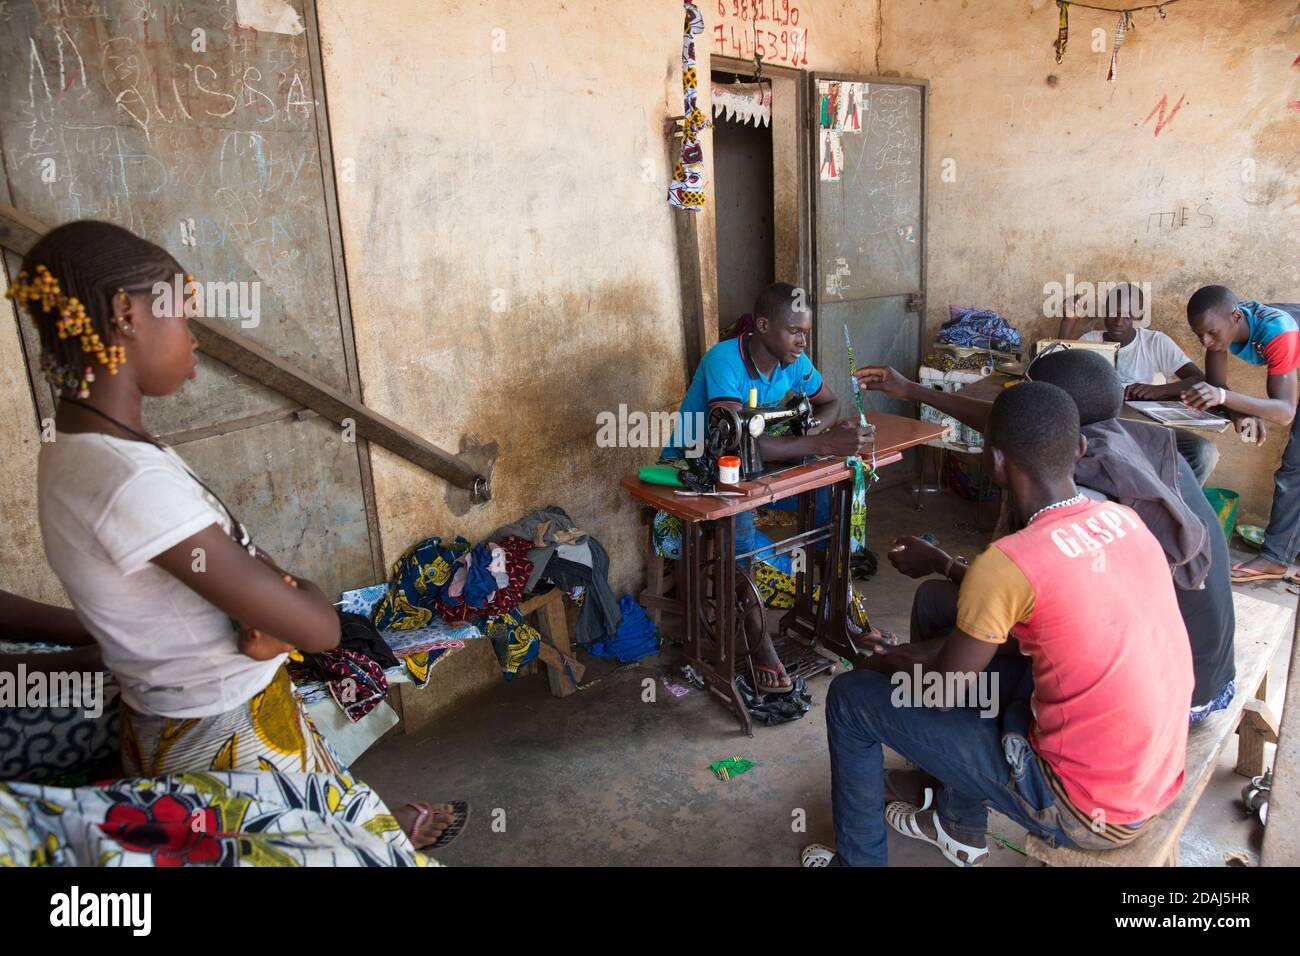 Selingue, Mali, 25 avril 2015; Mousa Samgare, 18 ans, tailleur, possède également une parcelle de terres irriguées. Chaque matin, il travaille sur le terrain de 12 h à 18 h, puis il vient dans sa boutique et y travaille jusqu'à 18 h. Banque D'Images